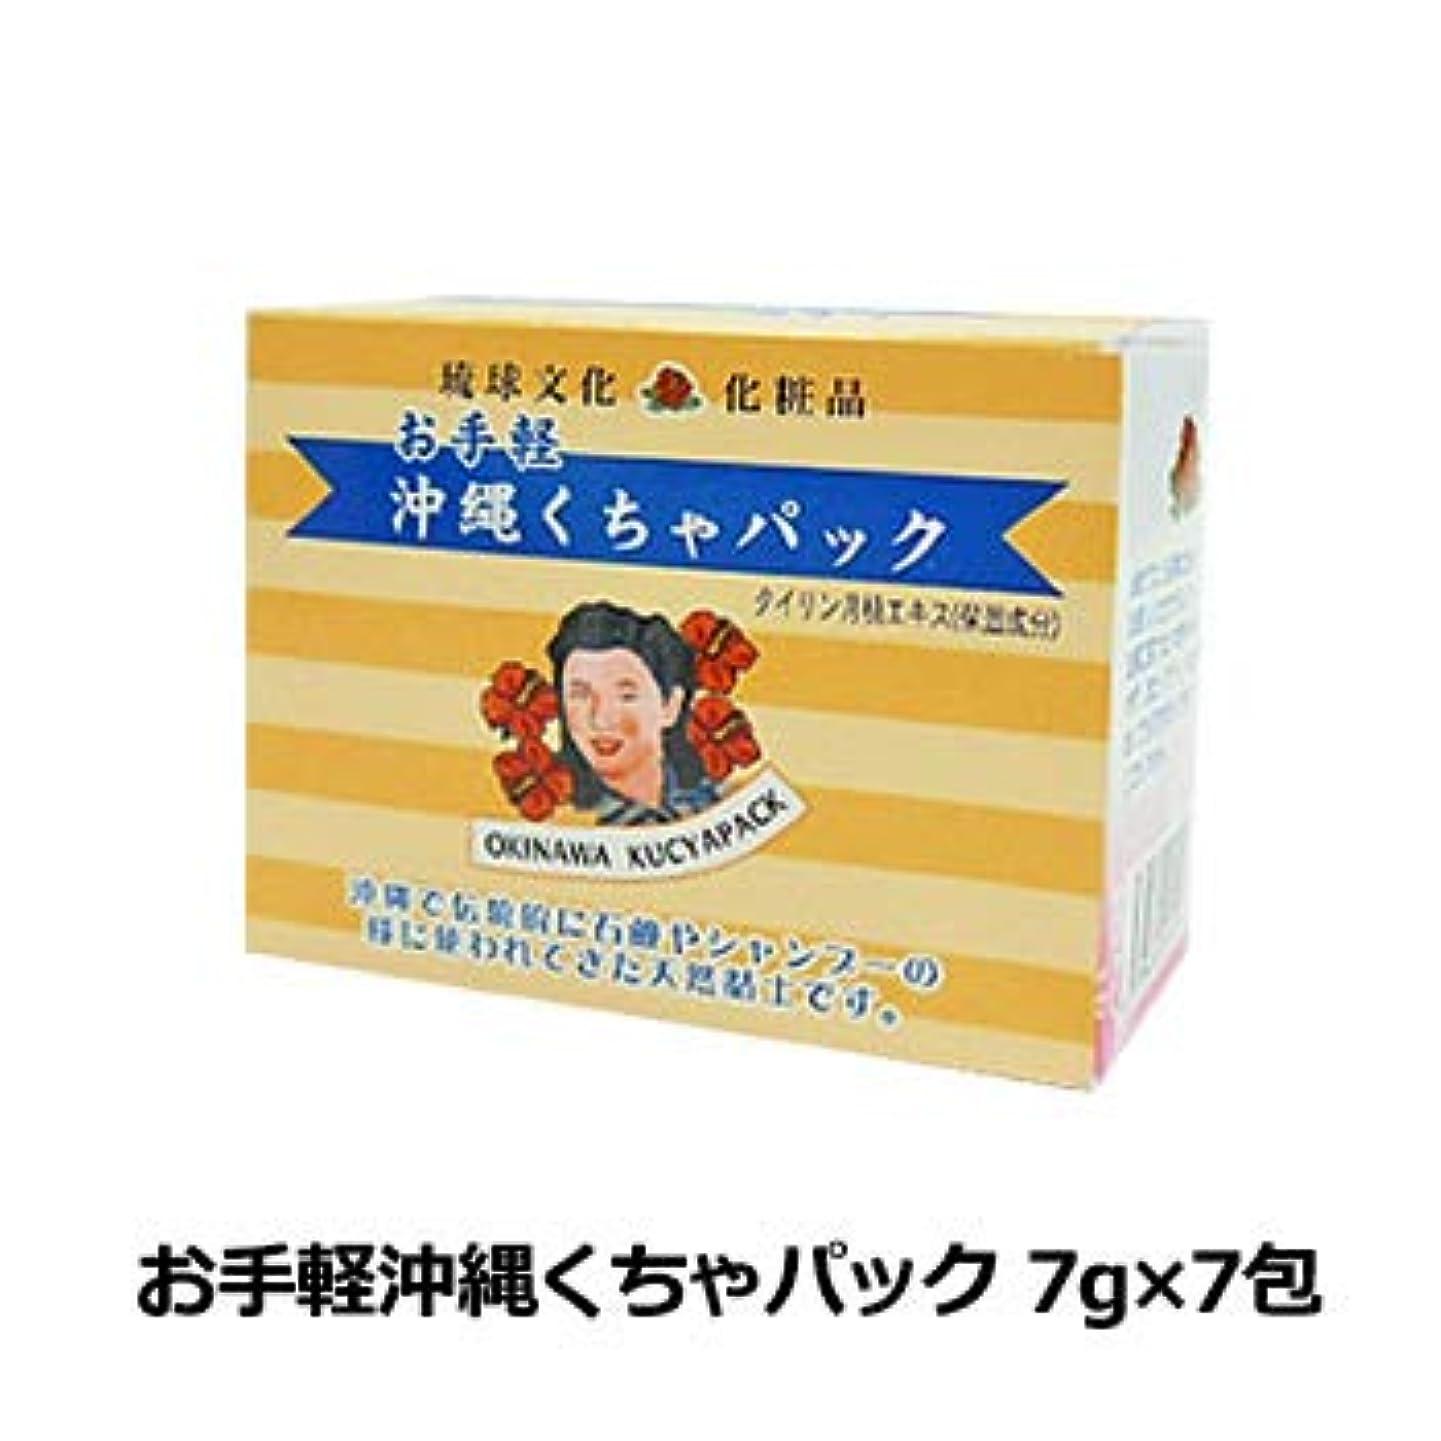 お手軽沖縄くちゃパック 7g×7包